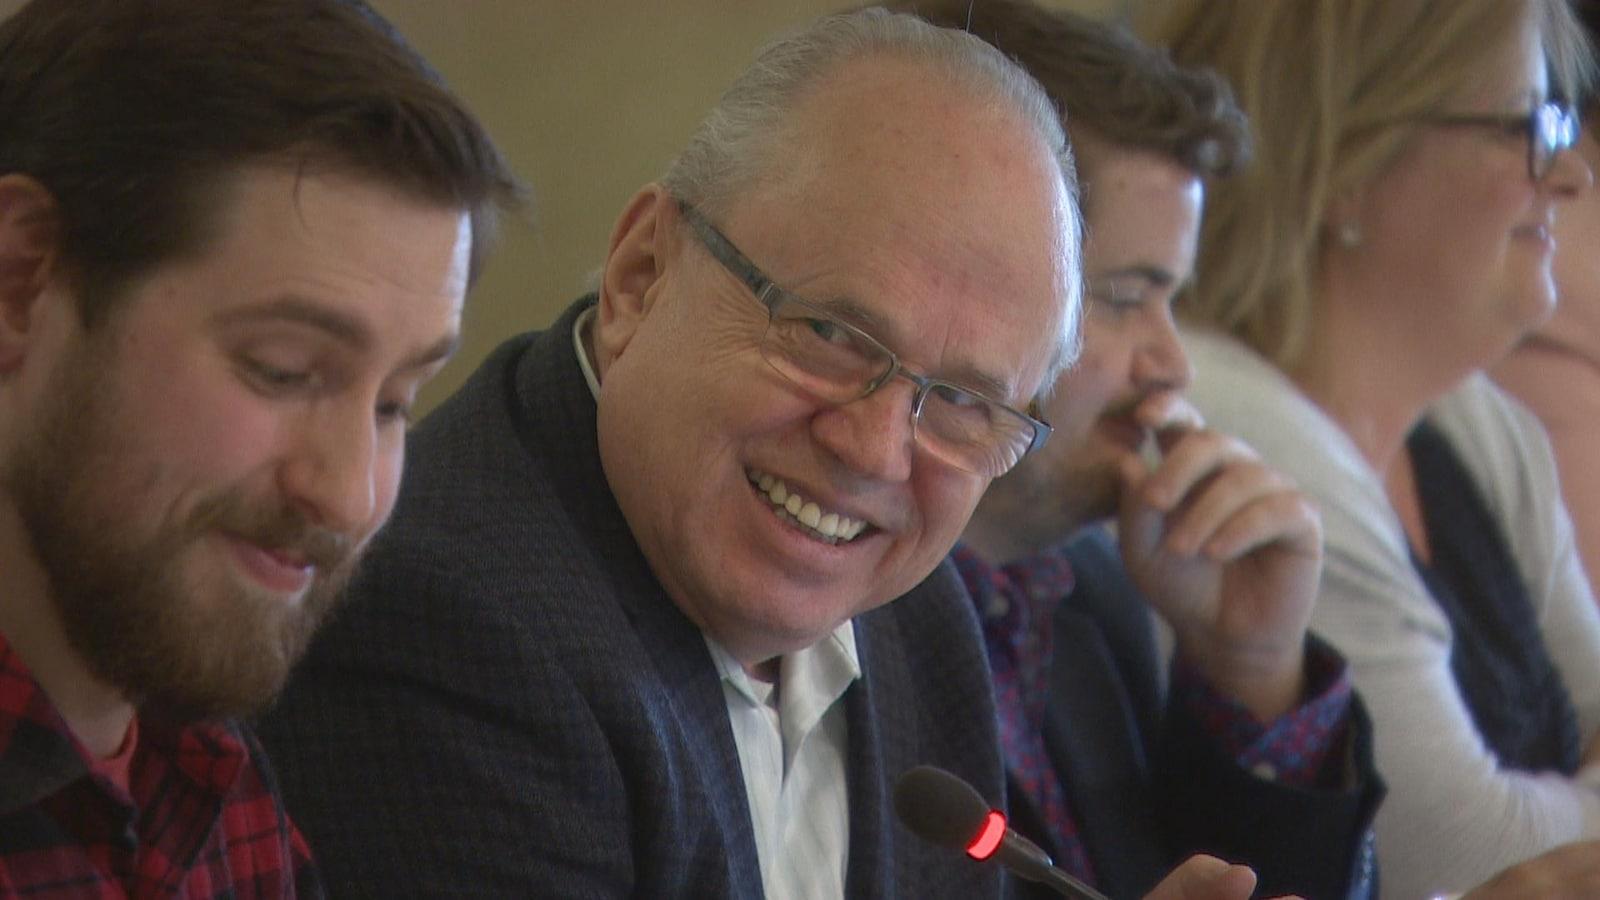 Gros plan sur Jean Johnson, au centre, un homme à lunettes souriant, aux côtés d'autres membres de la FCFA, assis dans une salle de conférence.